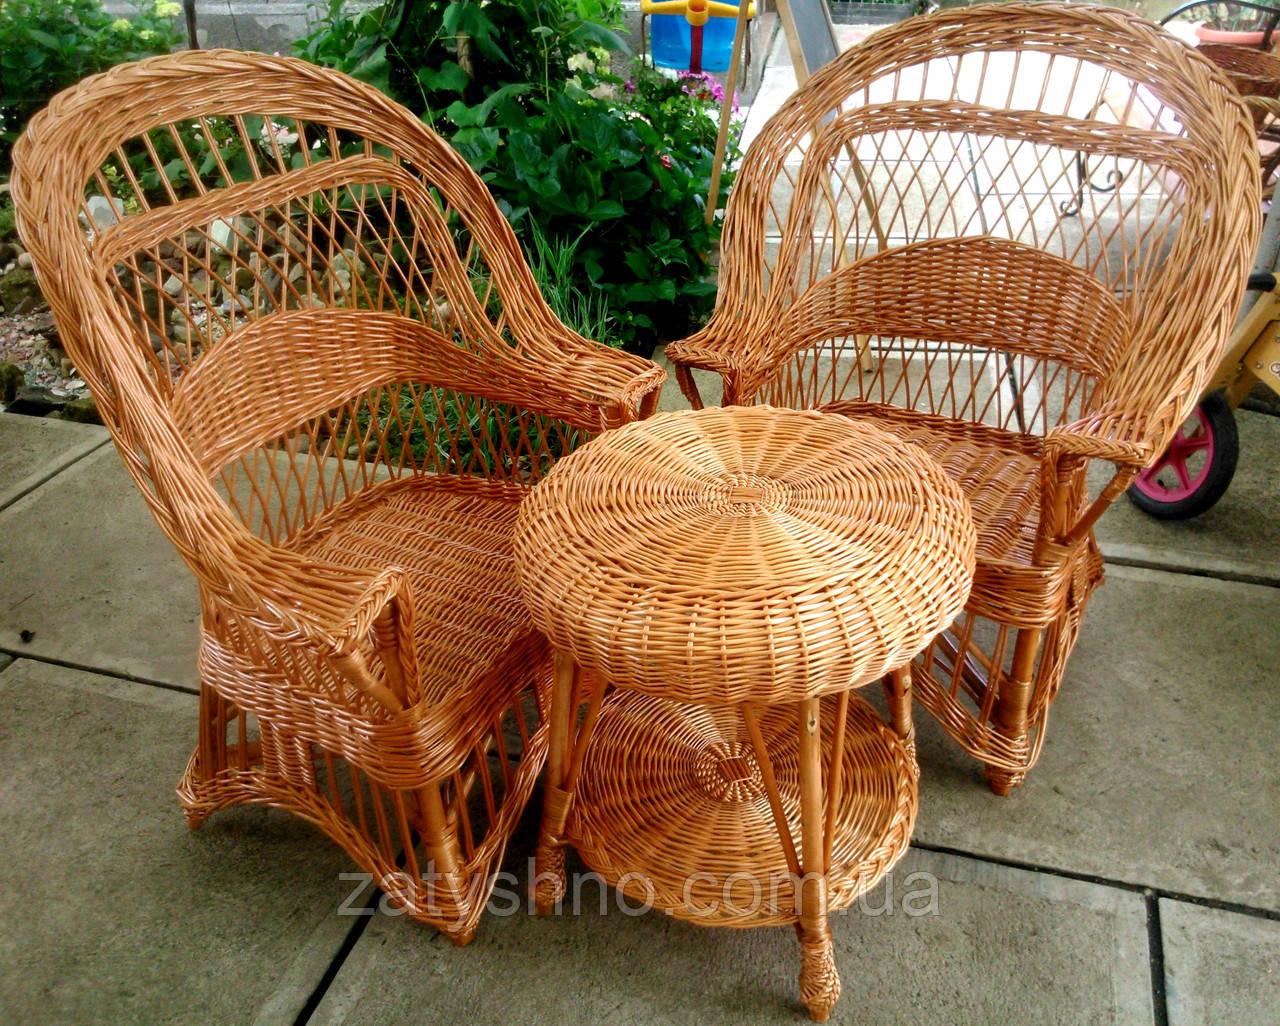 Плетеный стол и кресла из лозы | комплект плетеной мебели | кресла и стол из лозы